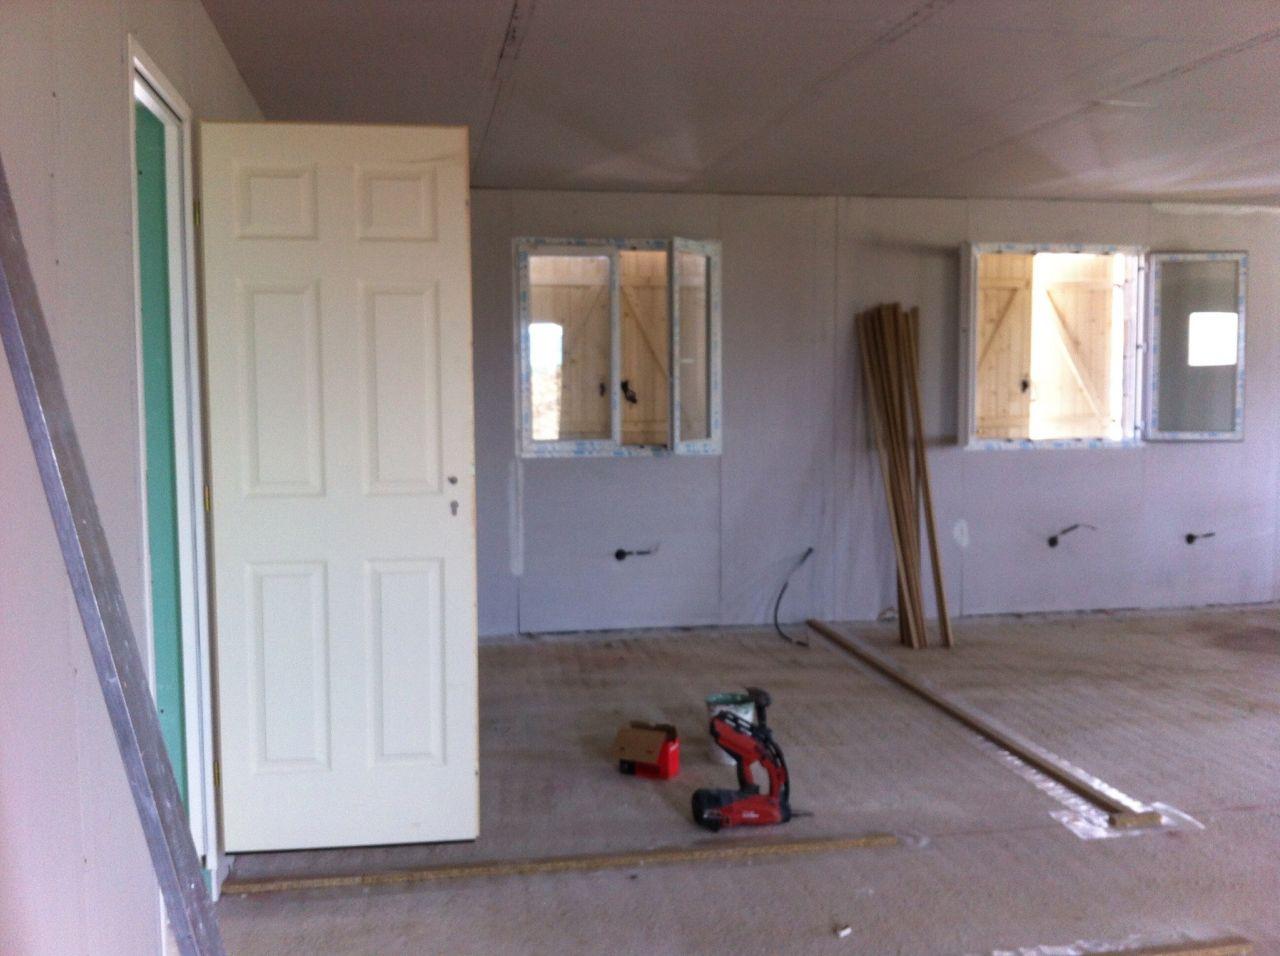 La porte qui mènera au garage avec en arrière plan deux futures chambres.